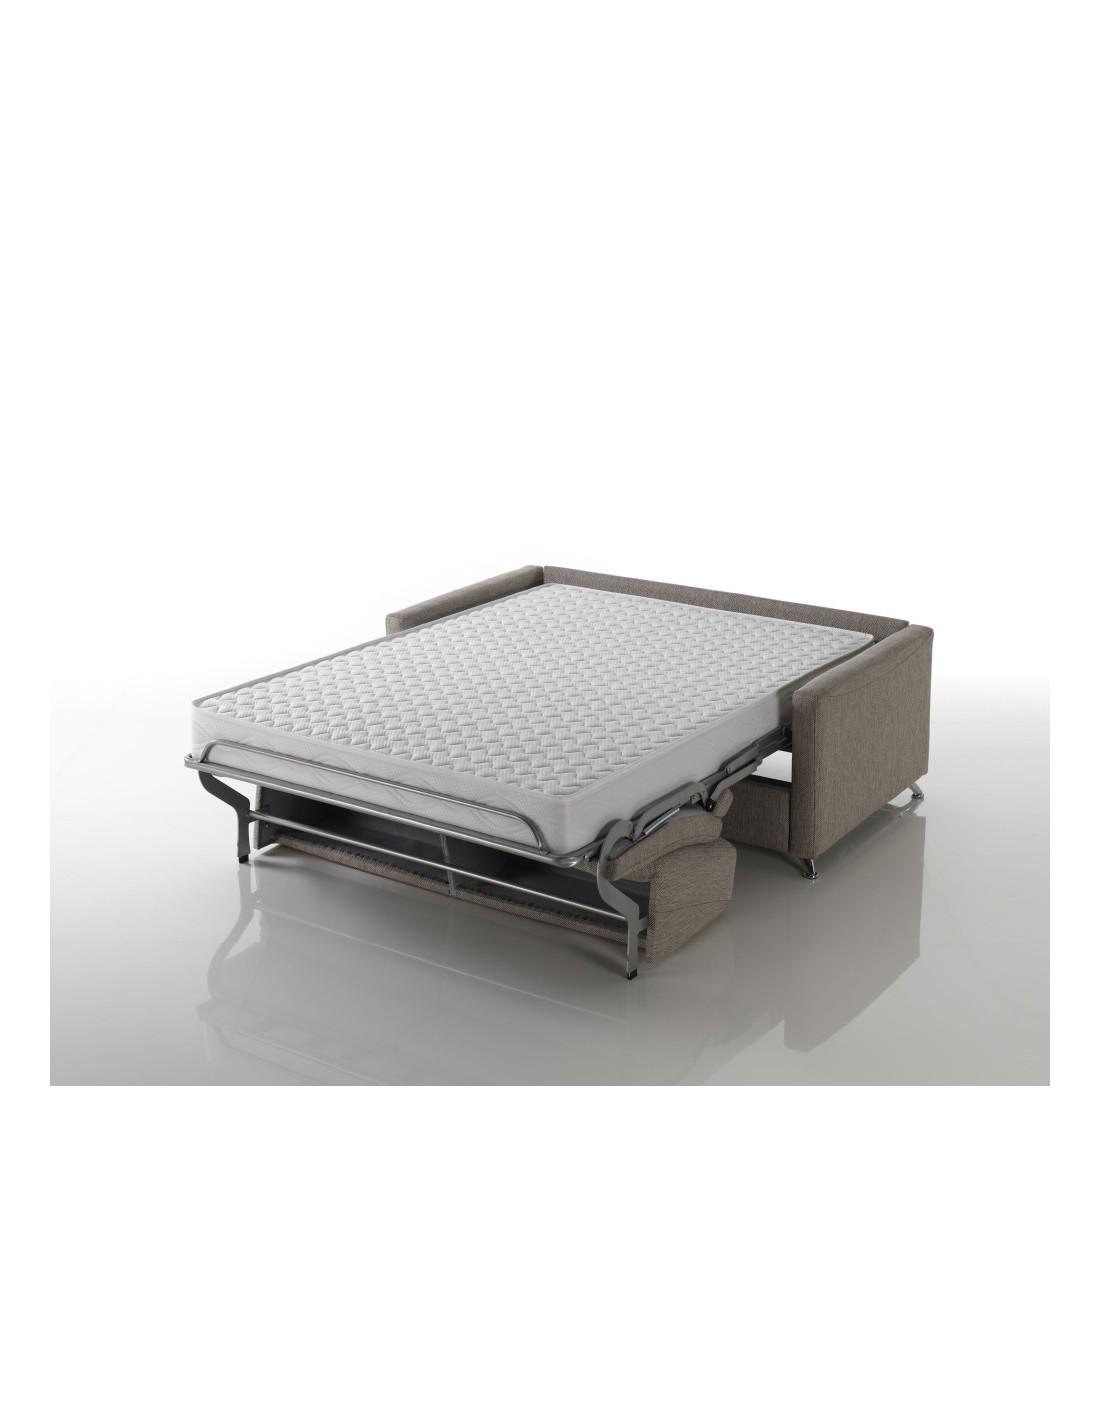 Materasso comodo alto 17 cm dentro un divano letto matrimoniale design - Letto con materasso incluso ...